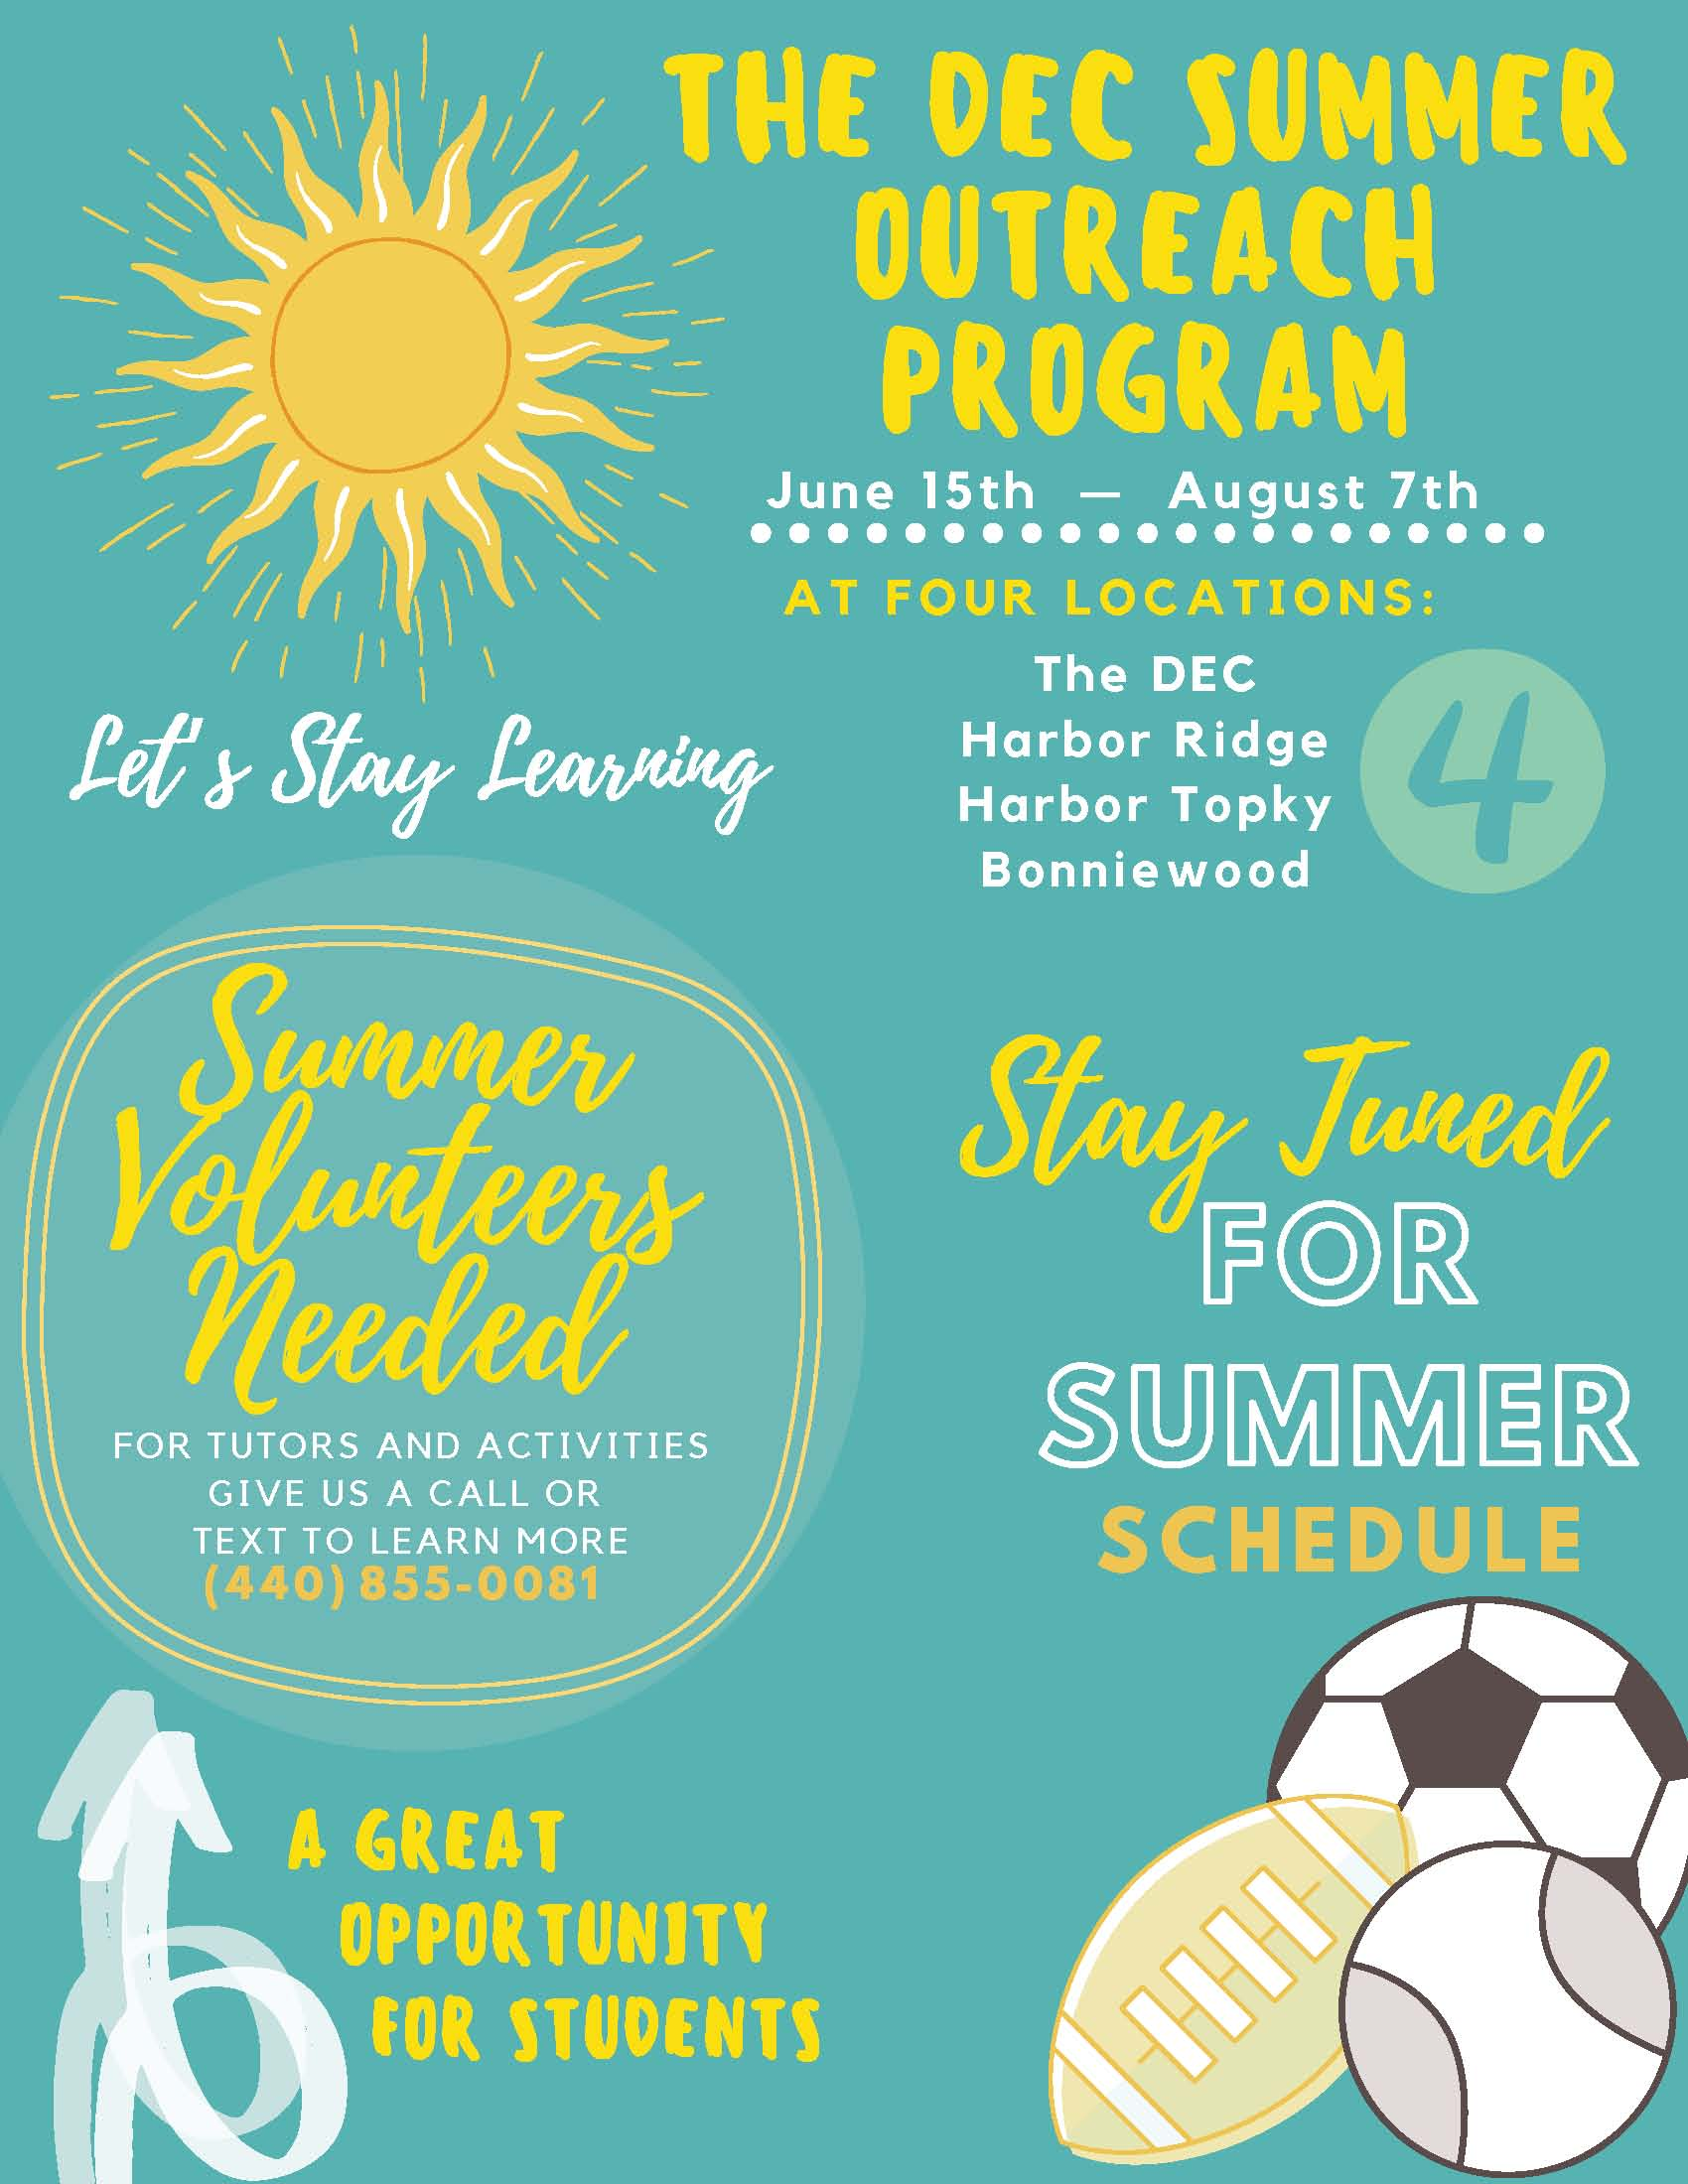 DEC Summer Outreach Program